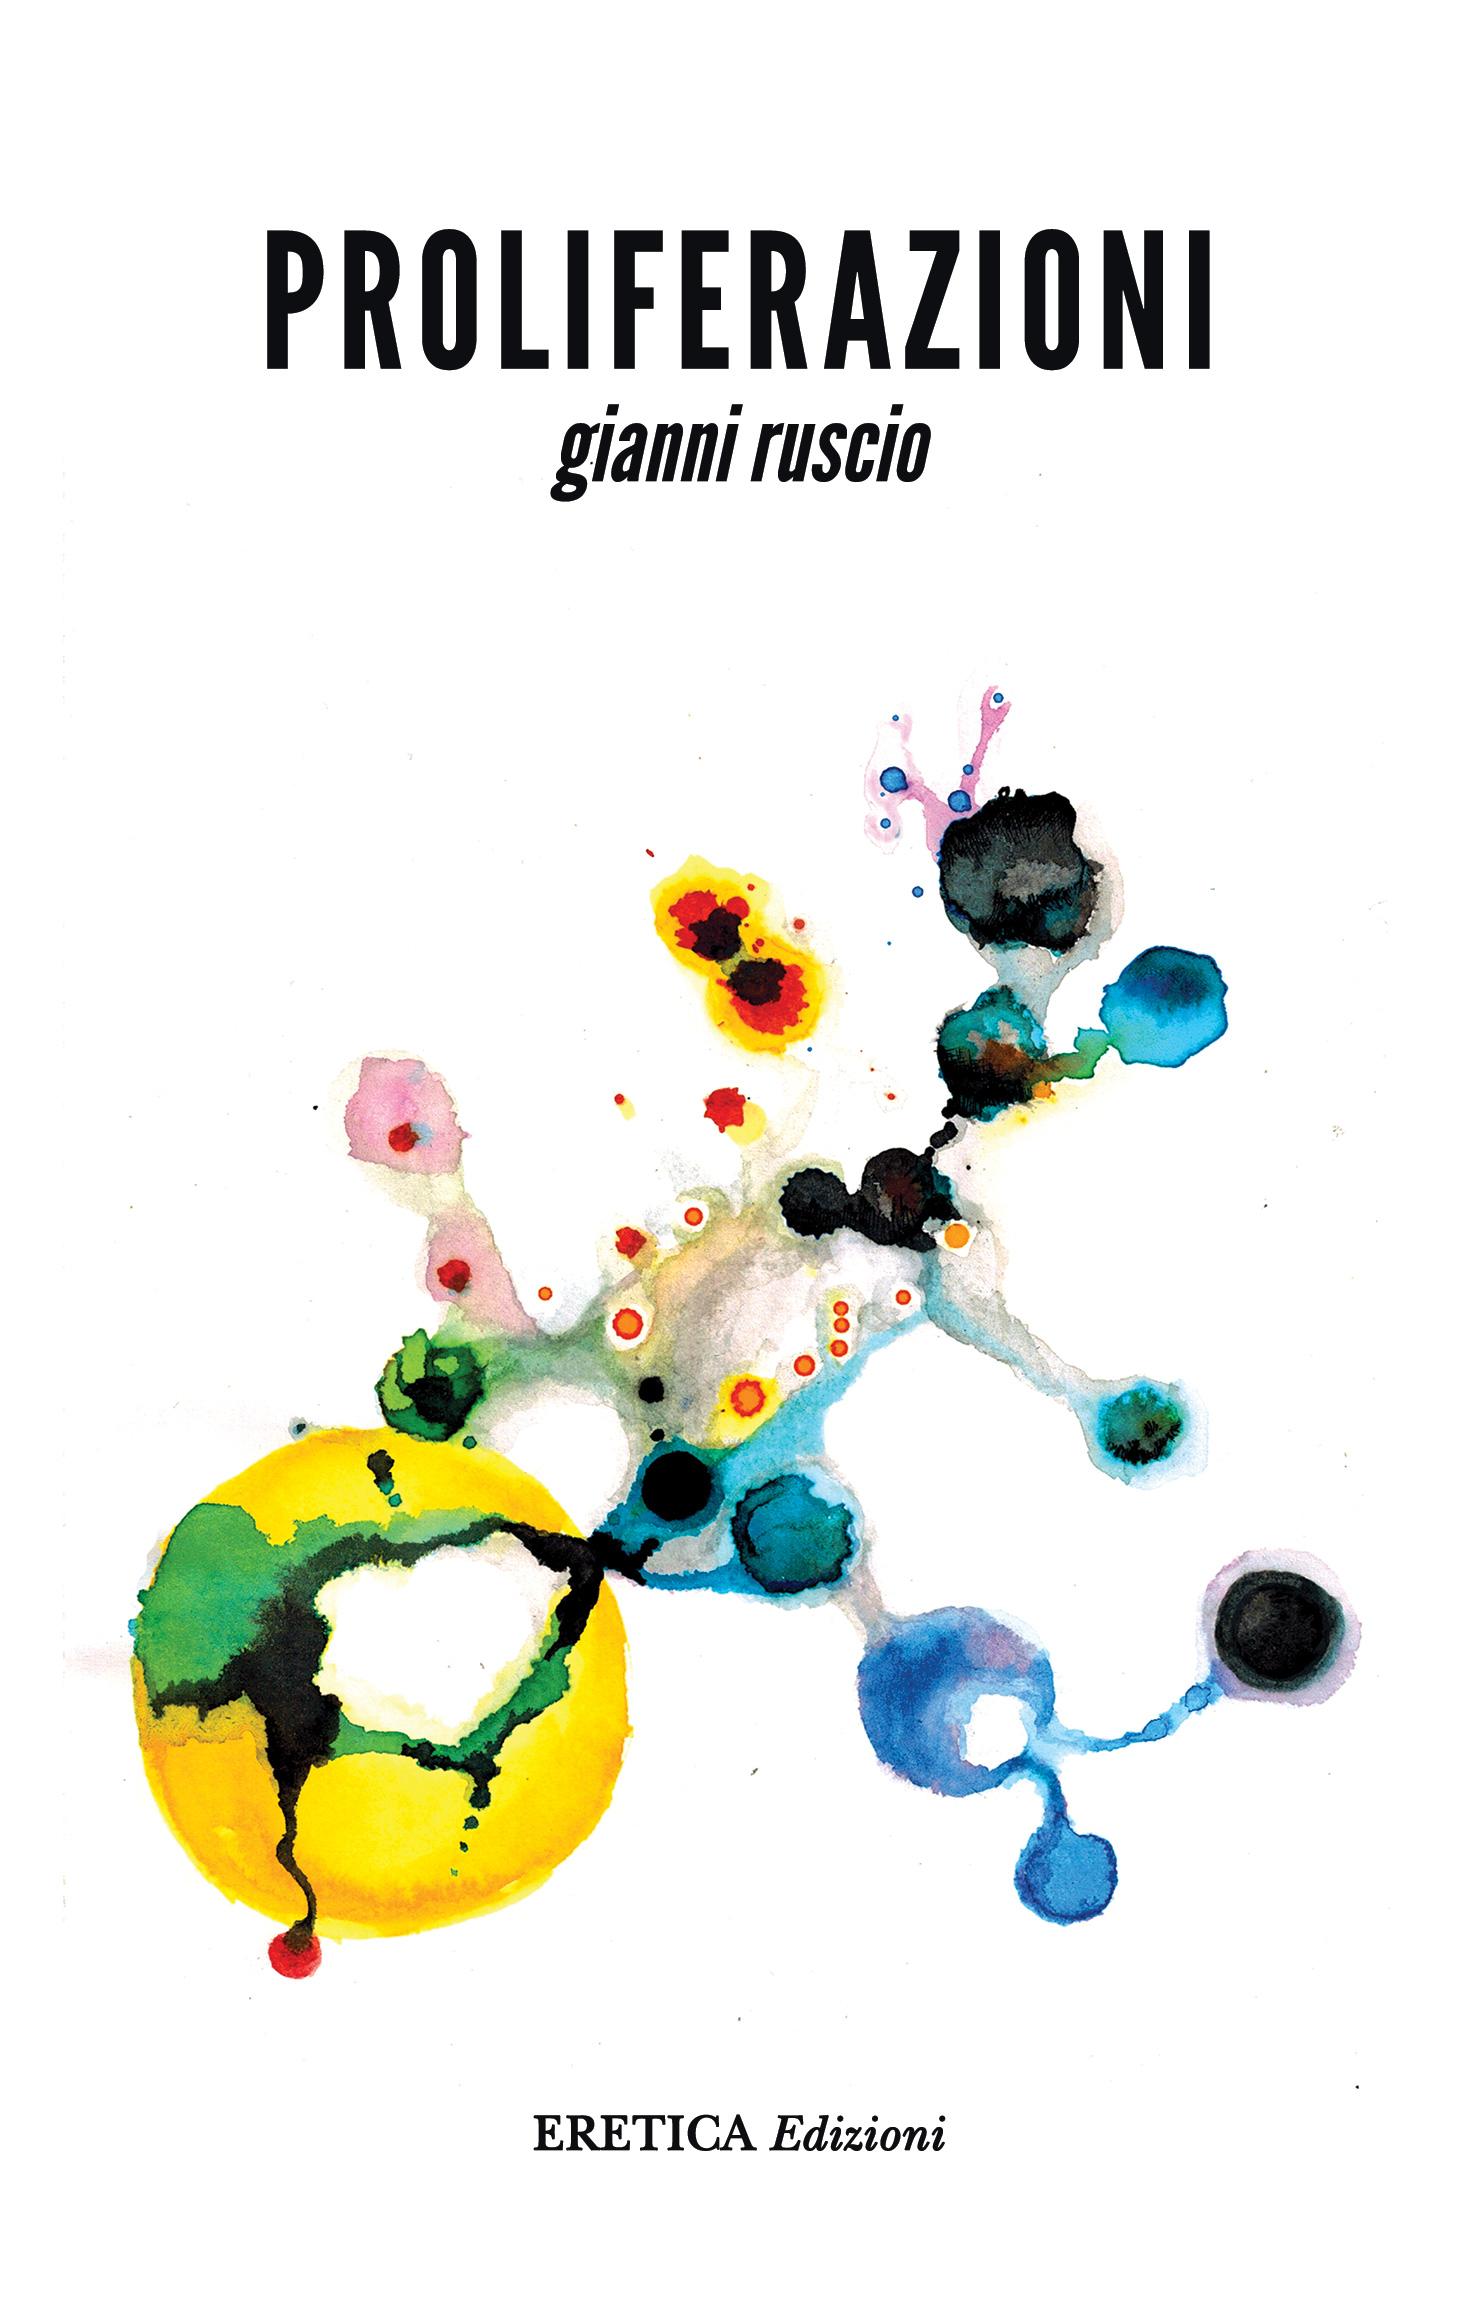 Proliferazioni – Gianni Ruscio